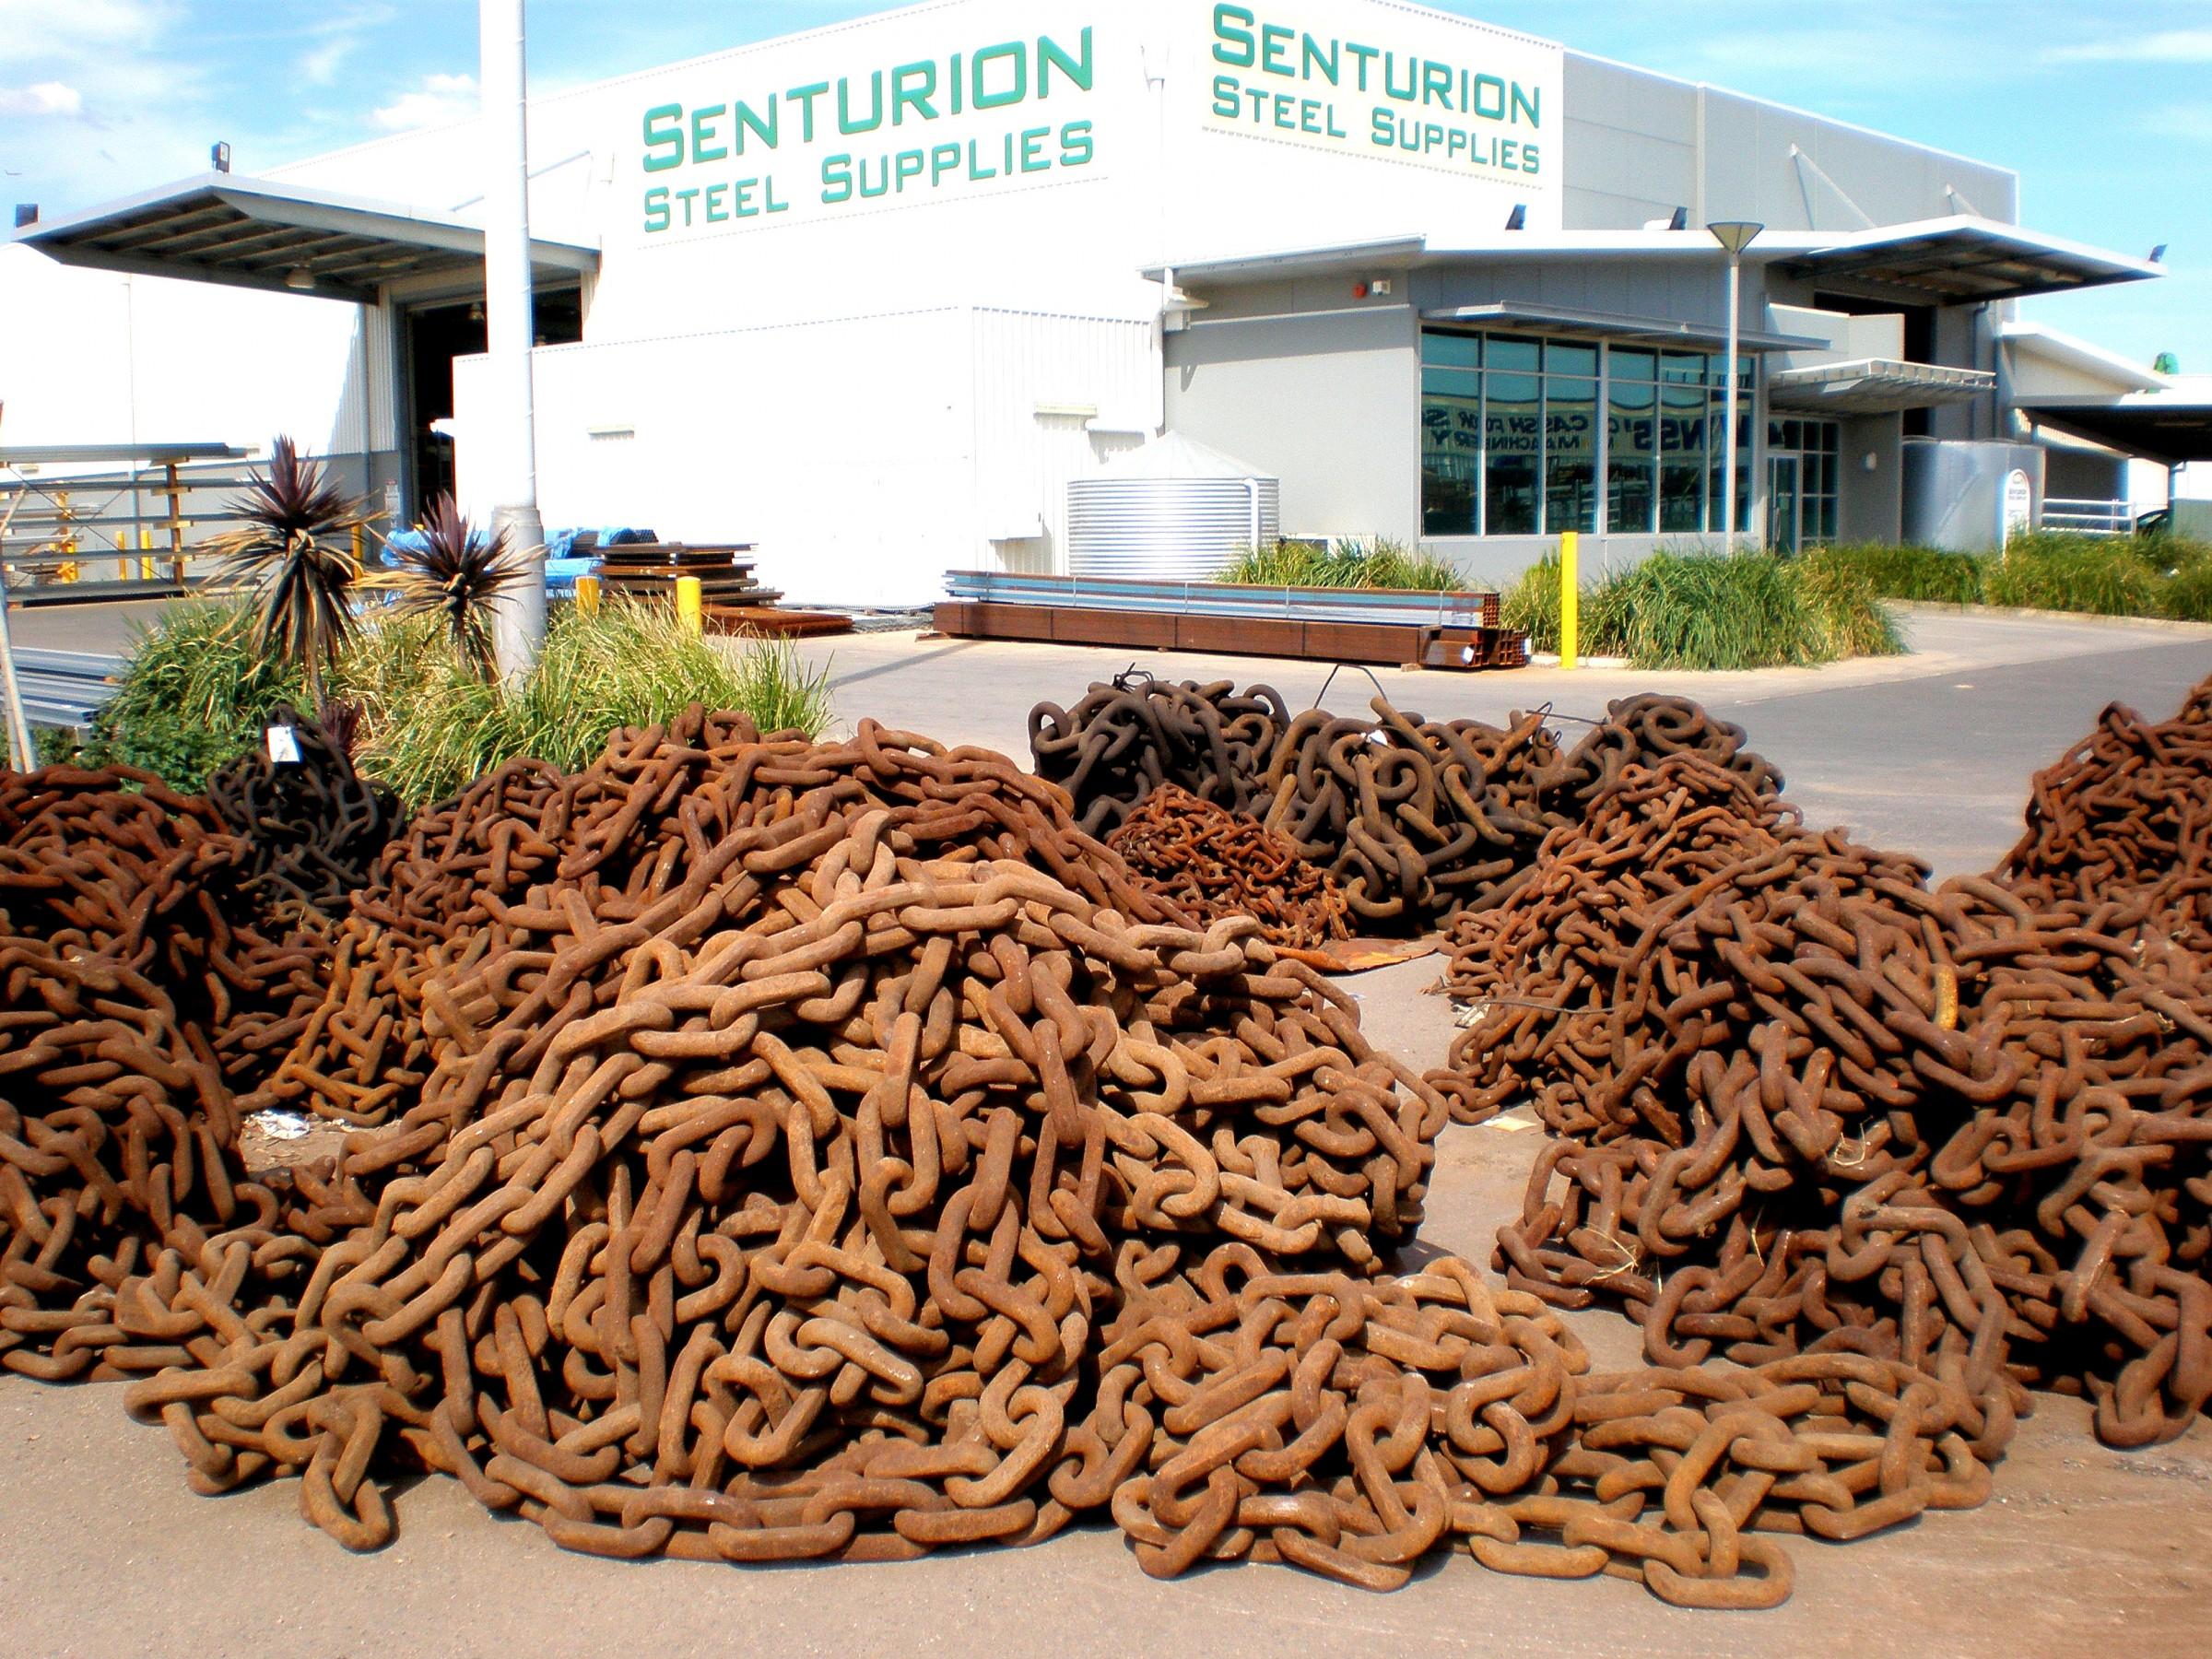 Senturion-Steel-Supplies-Chain